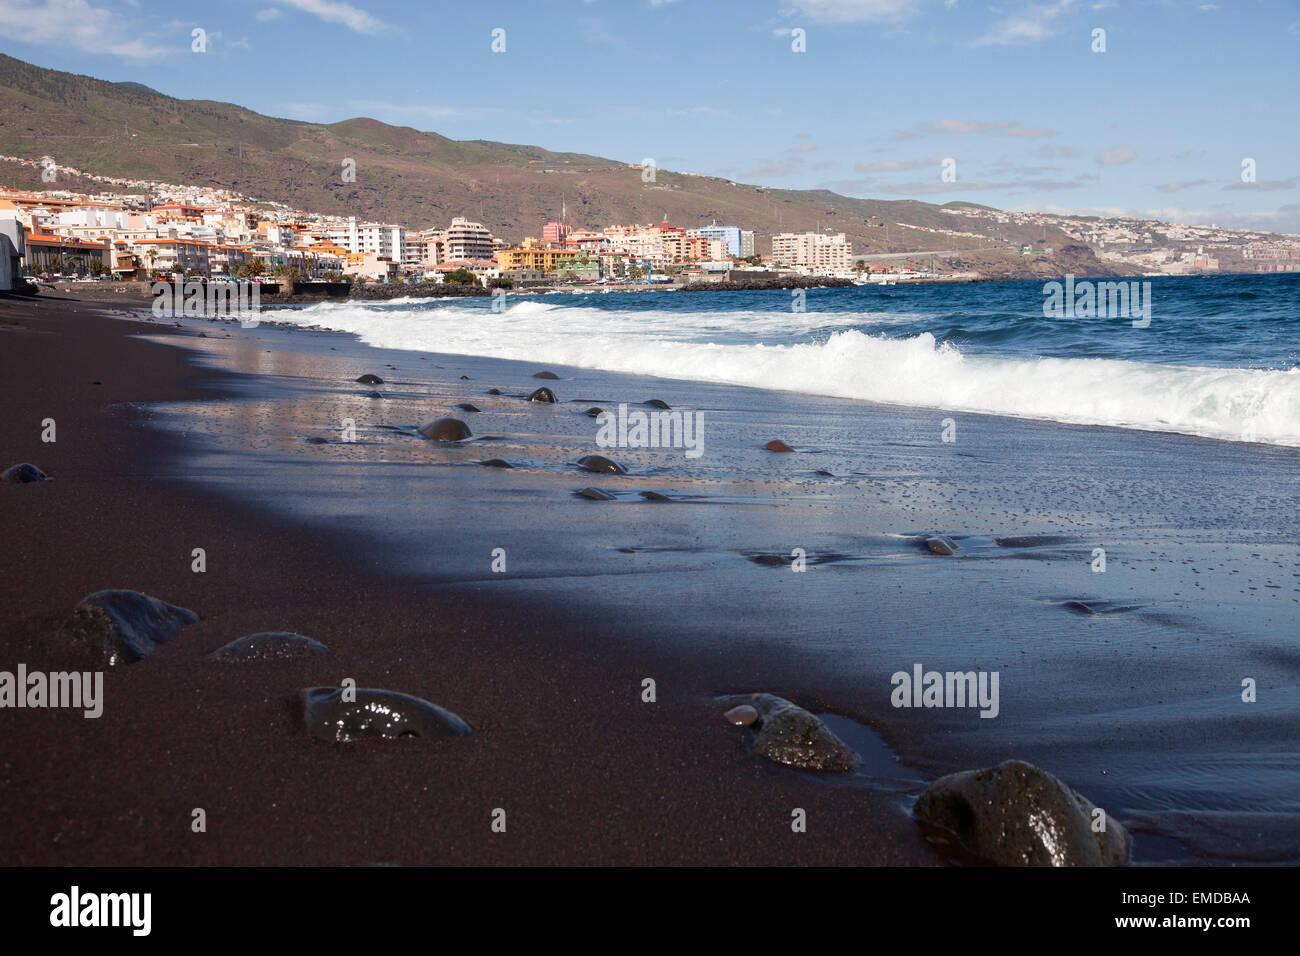 der schwarze Sandstrand in Candelaria, Teneriffa, Kanarische Inseln, Spanien, Europa Stockbild